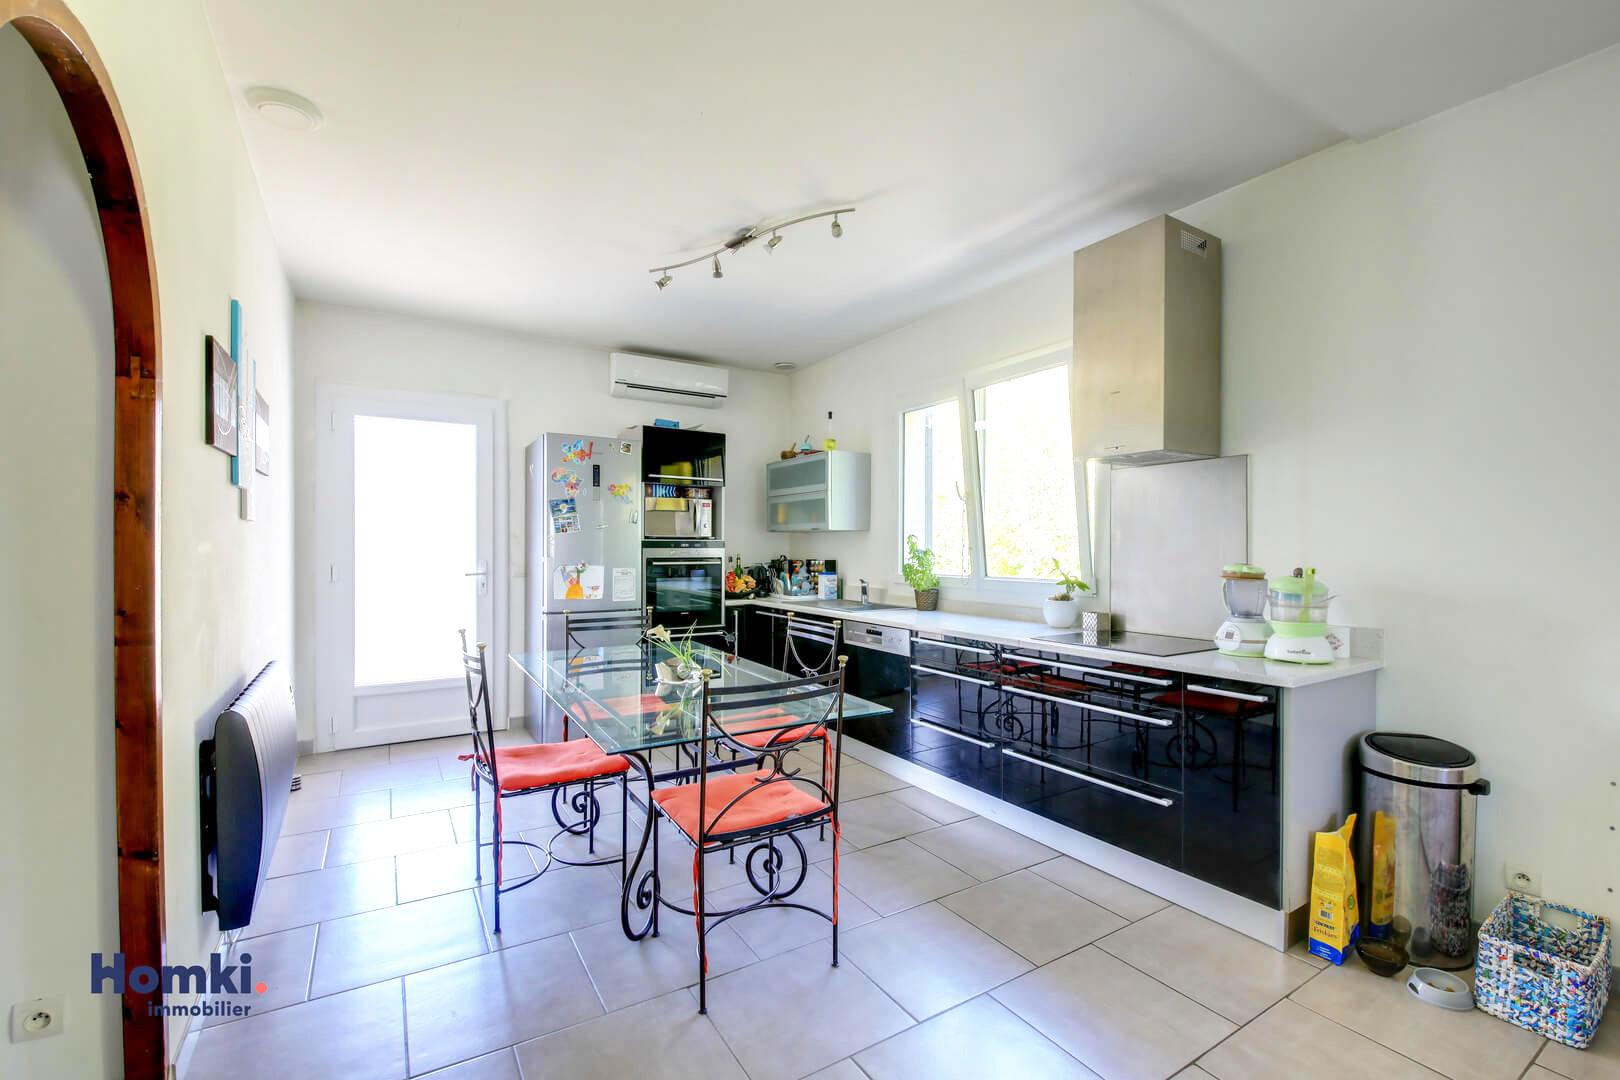 Vente Appartement 58 m² T3 13011_4